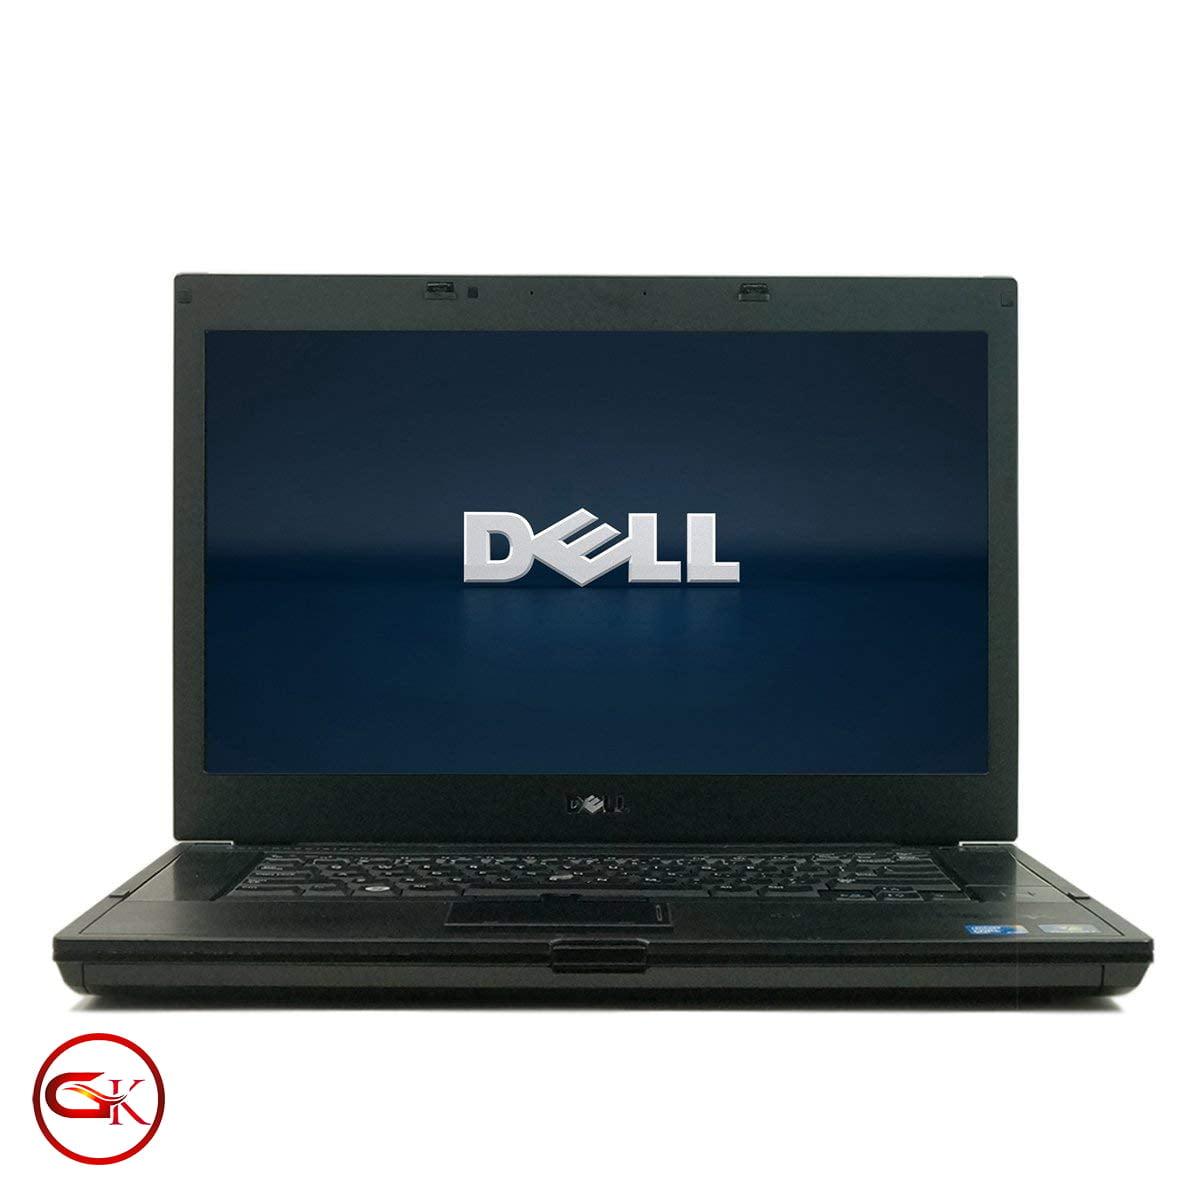 لپ تاپ دل Dell Precision M4500 با سی پی یو Cori5 و گرافیگ 1G quadro